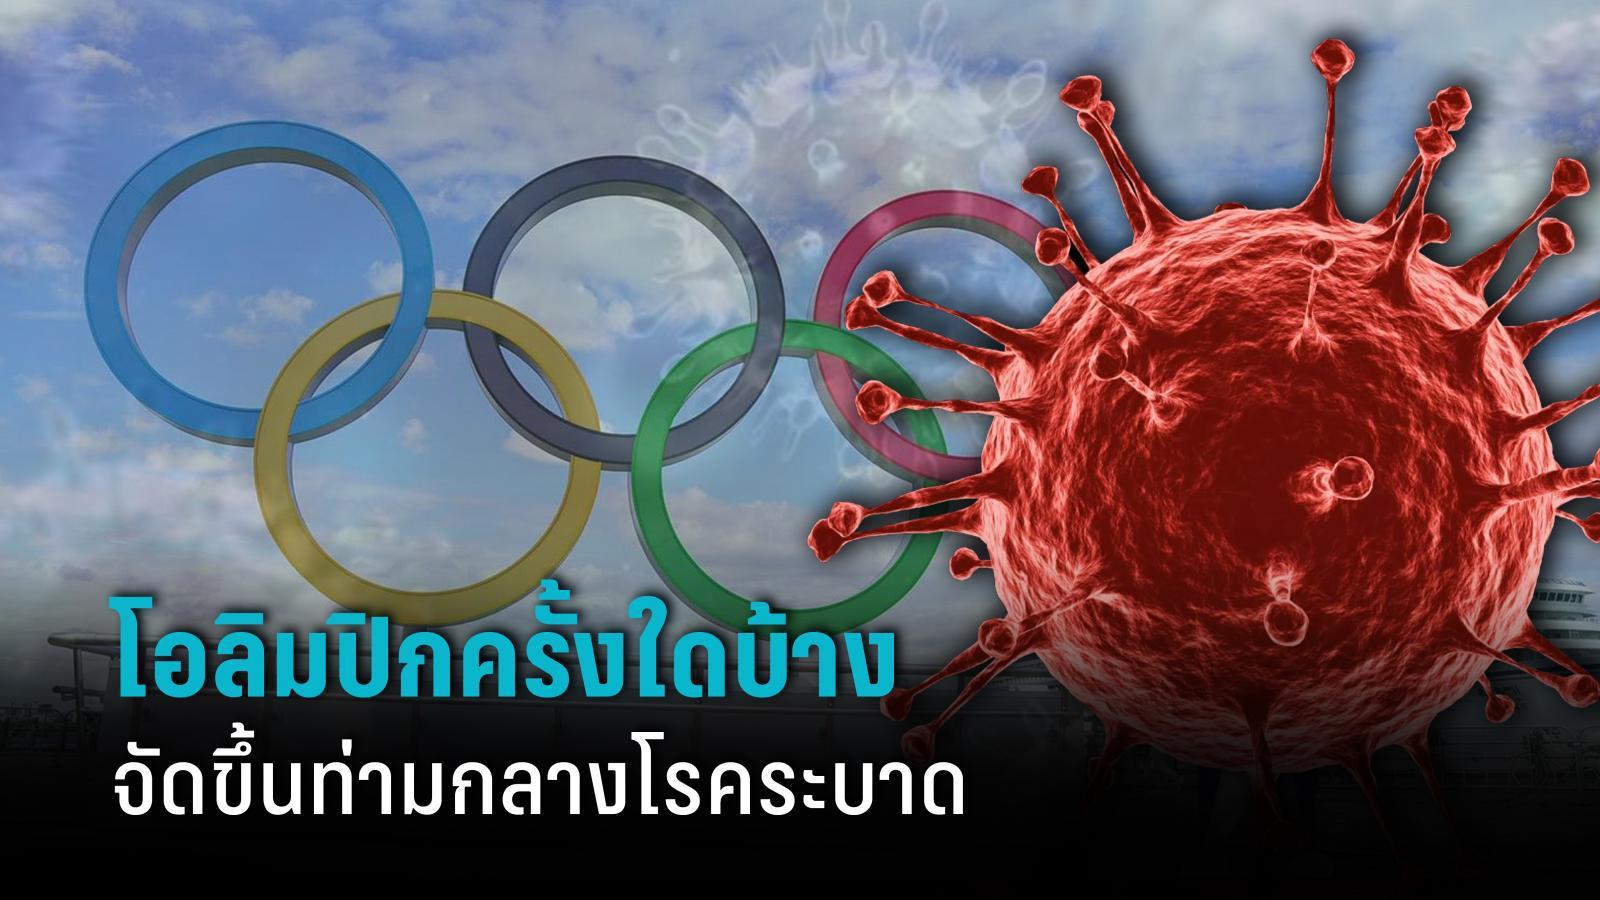 โอลิมปิก 2020 ไม่ใช่ครั้งแรก โอลิมปิกใดบ้างจัดขึ้นท่ามกลางโรคระบาด